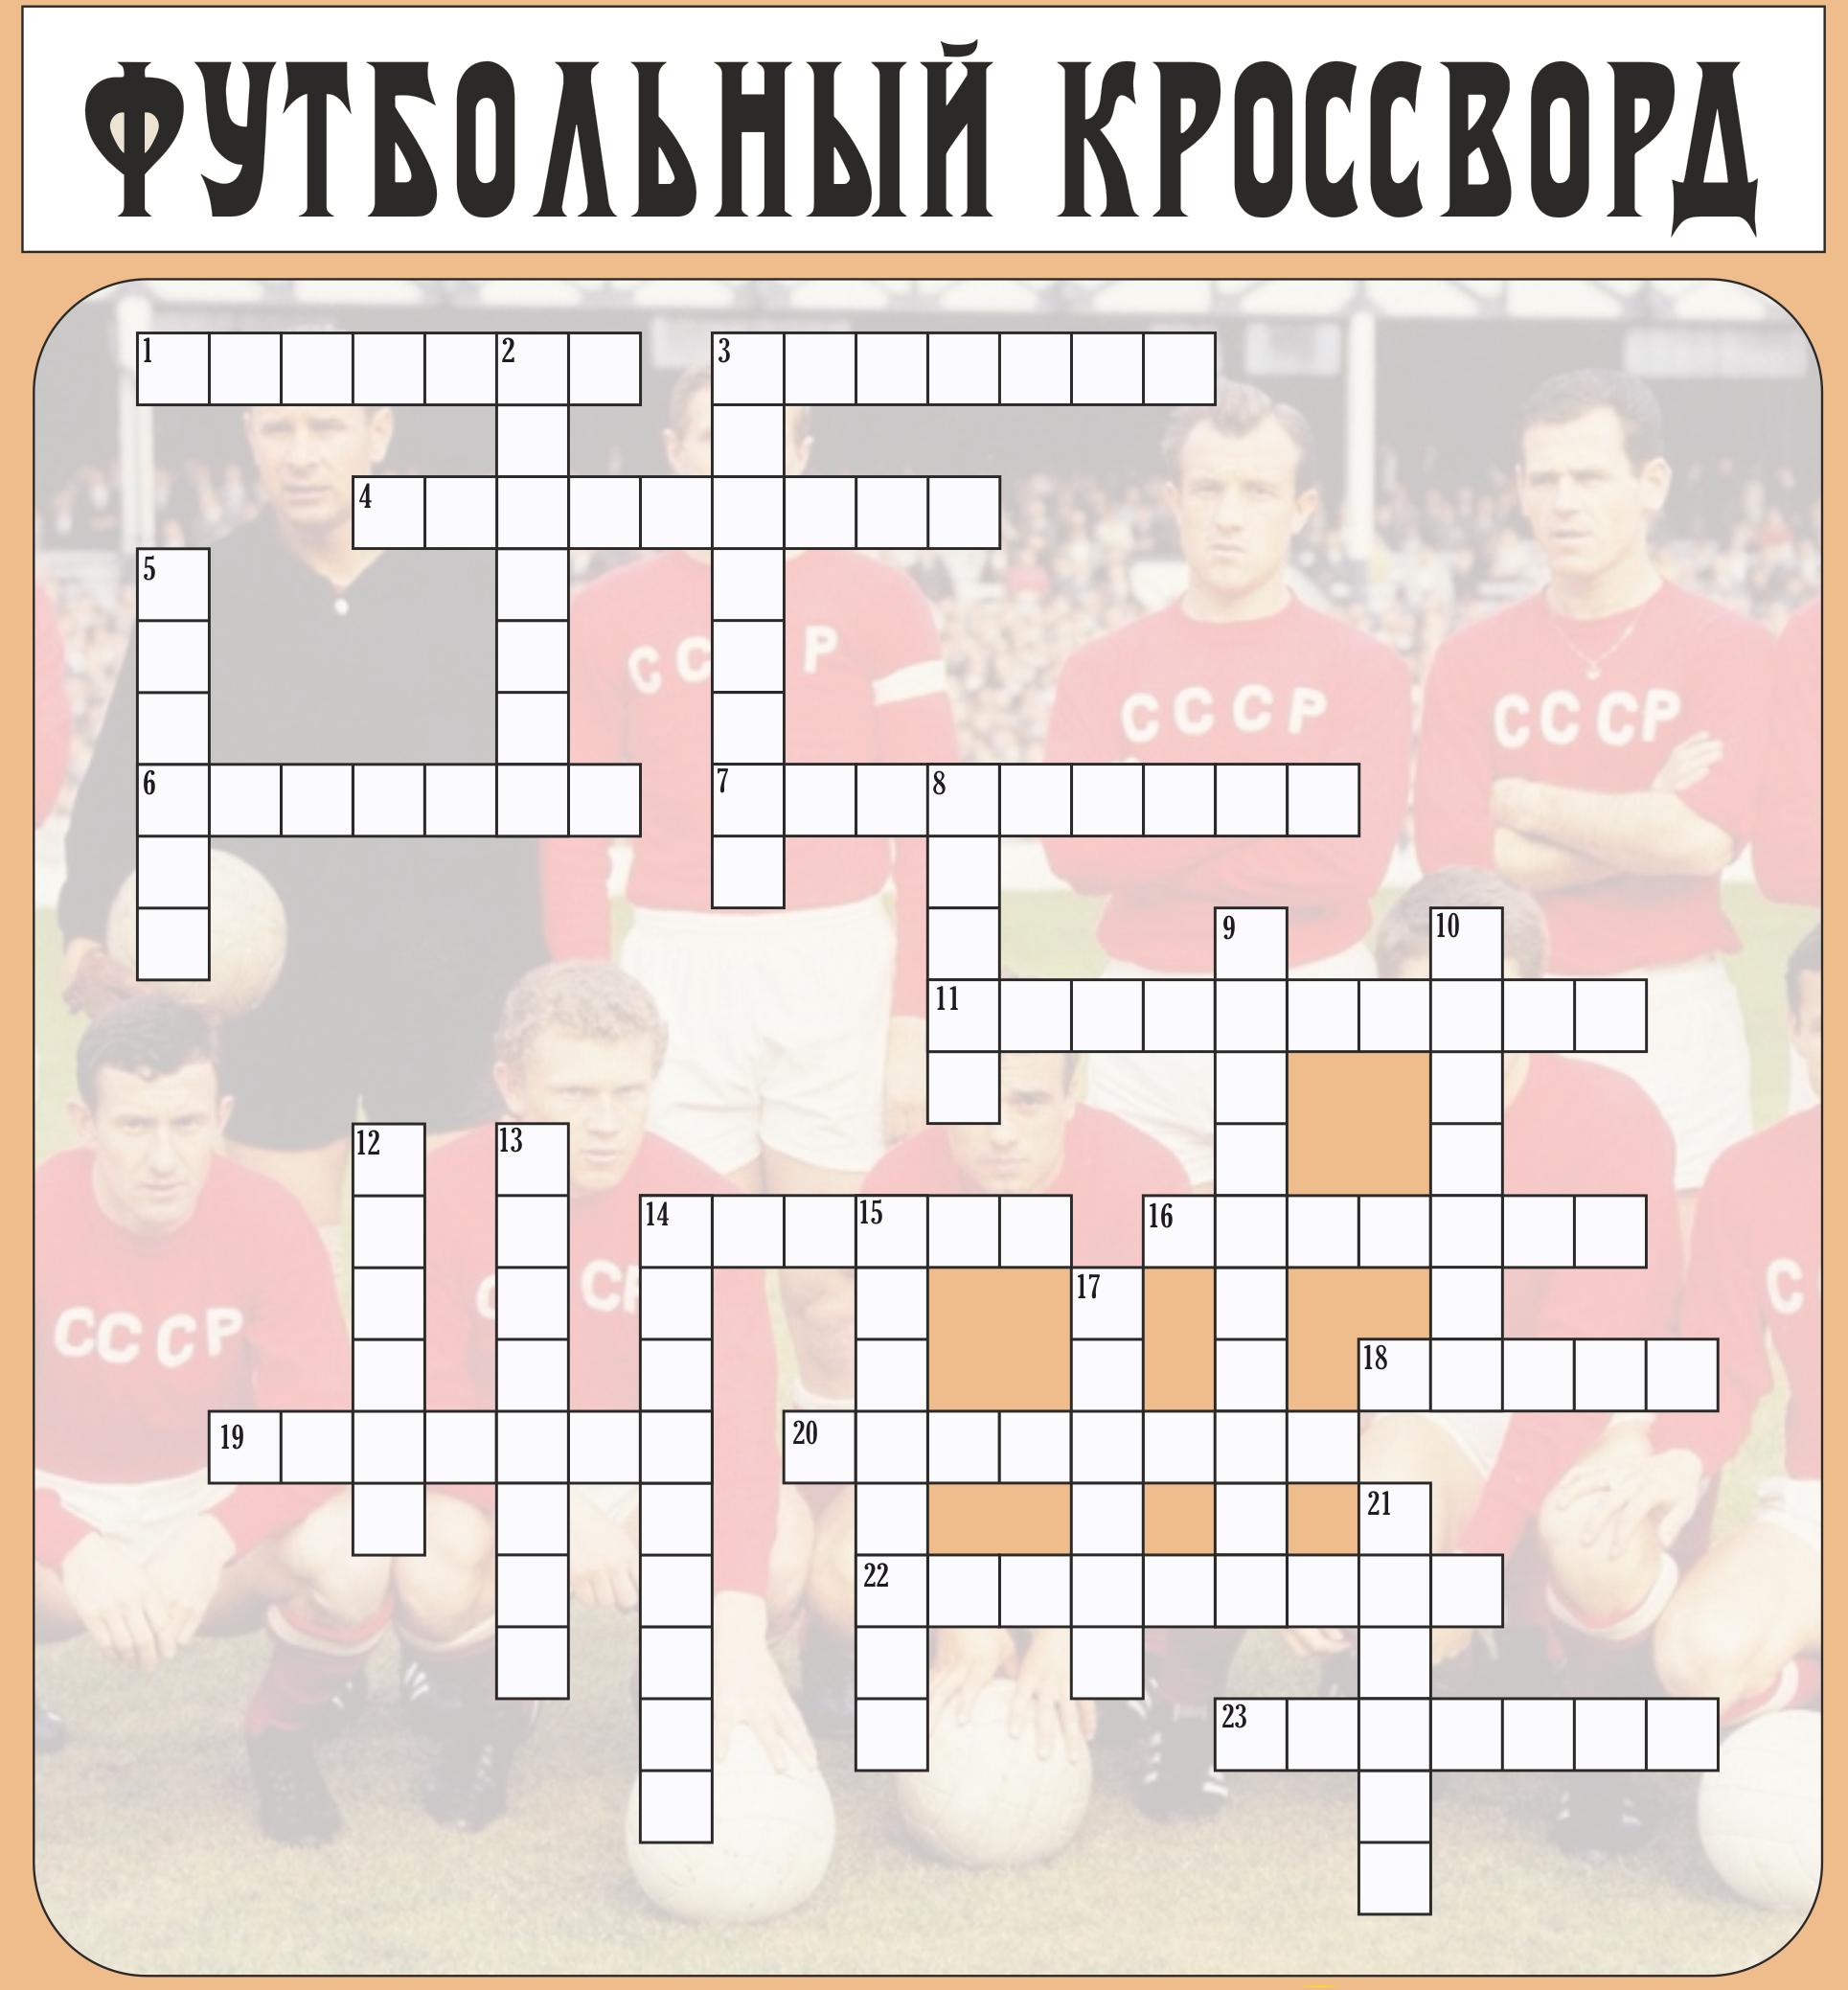 Российский футбольный клуб из москвы кроссворд футбольные клубы 3 дивизиона в москве